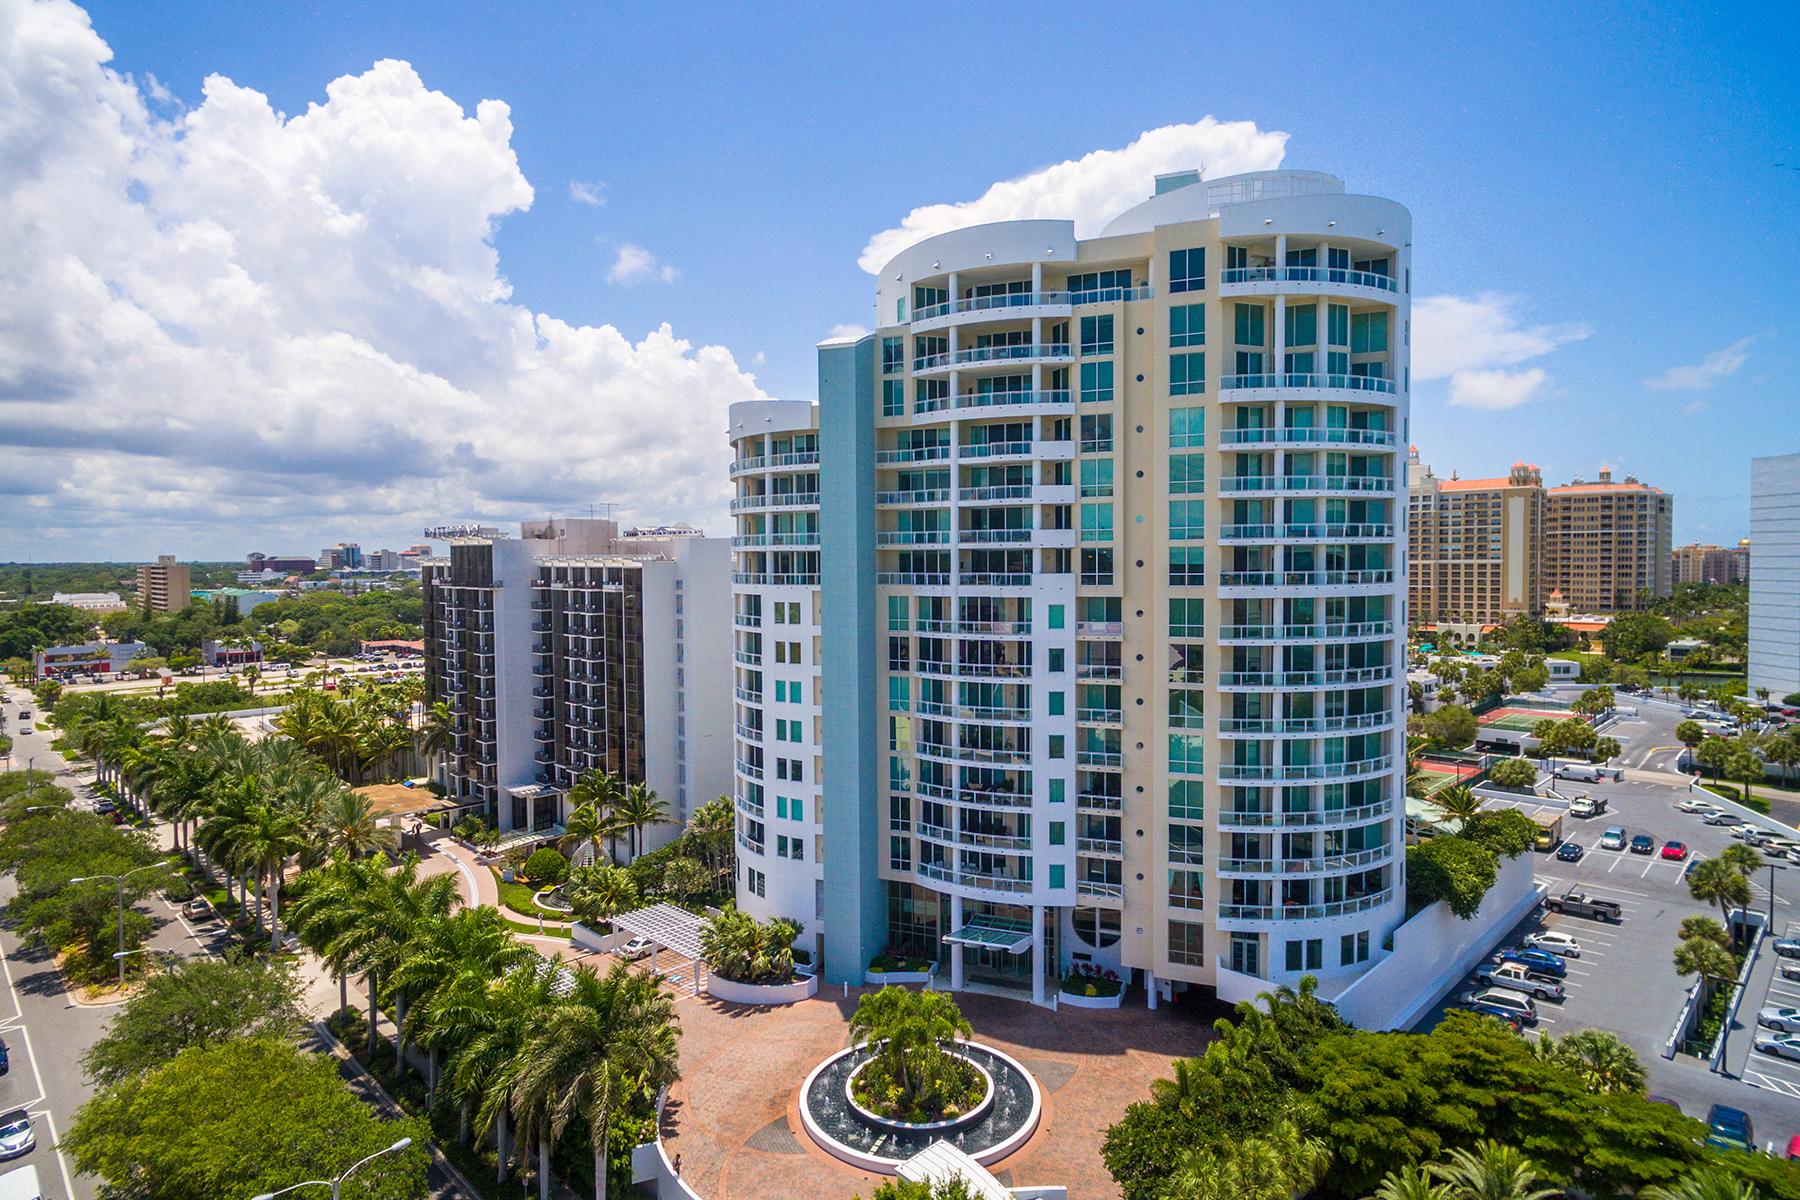 콘도미니엄 용 매매 에 BEAU CIEL 990 Blvd Of The Arts 601 Sarasota, 플로리다, 34236 미국